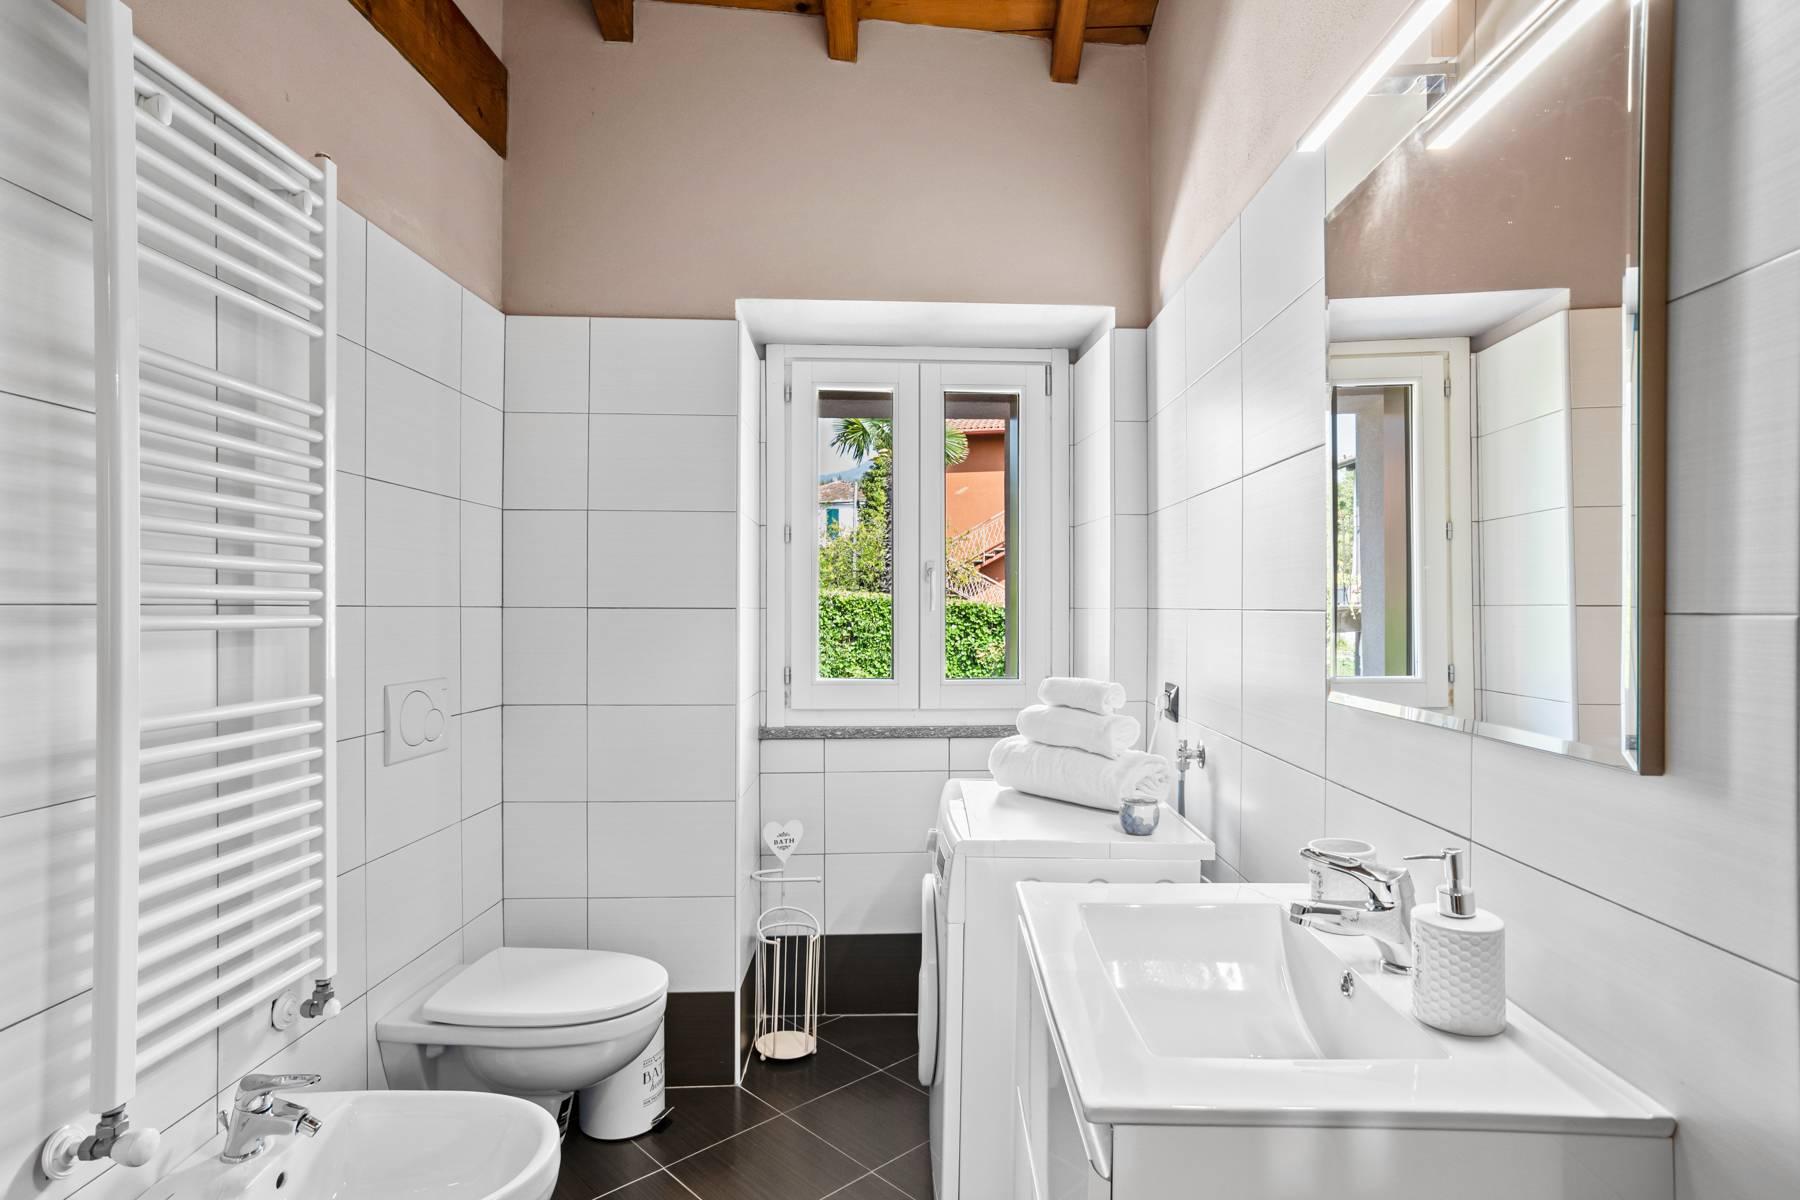 Appartamento in Vendita a Castelveccana: 3 locali, 82 mq - Foto 7